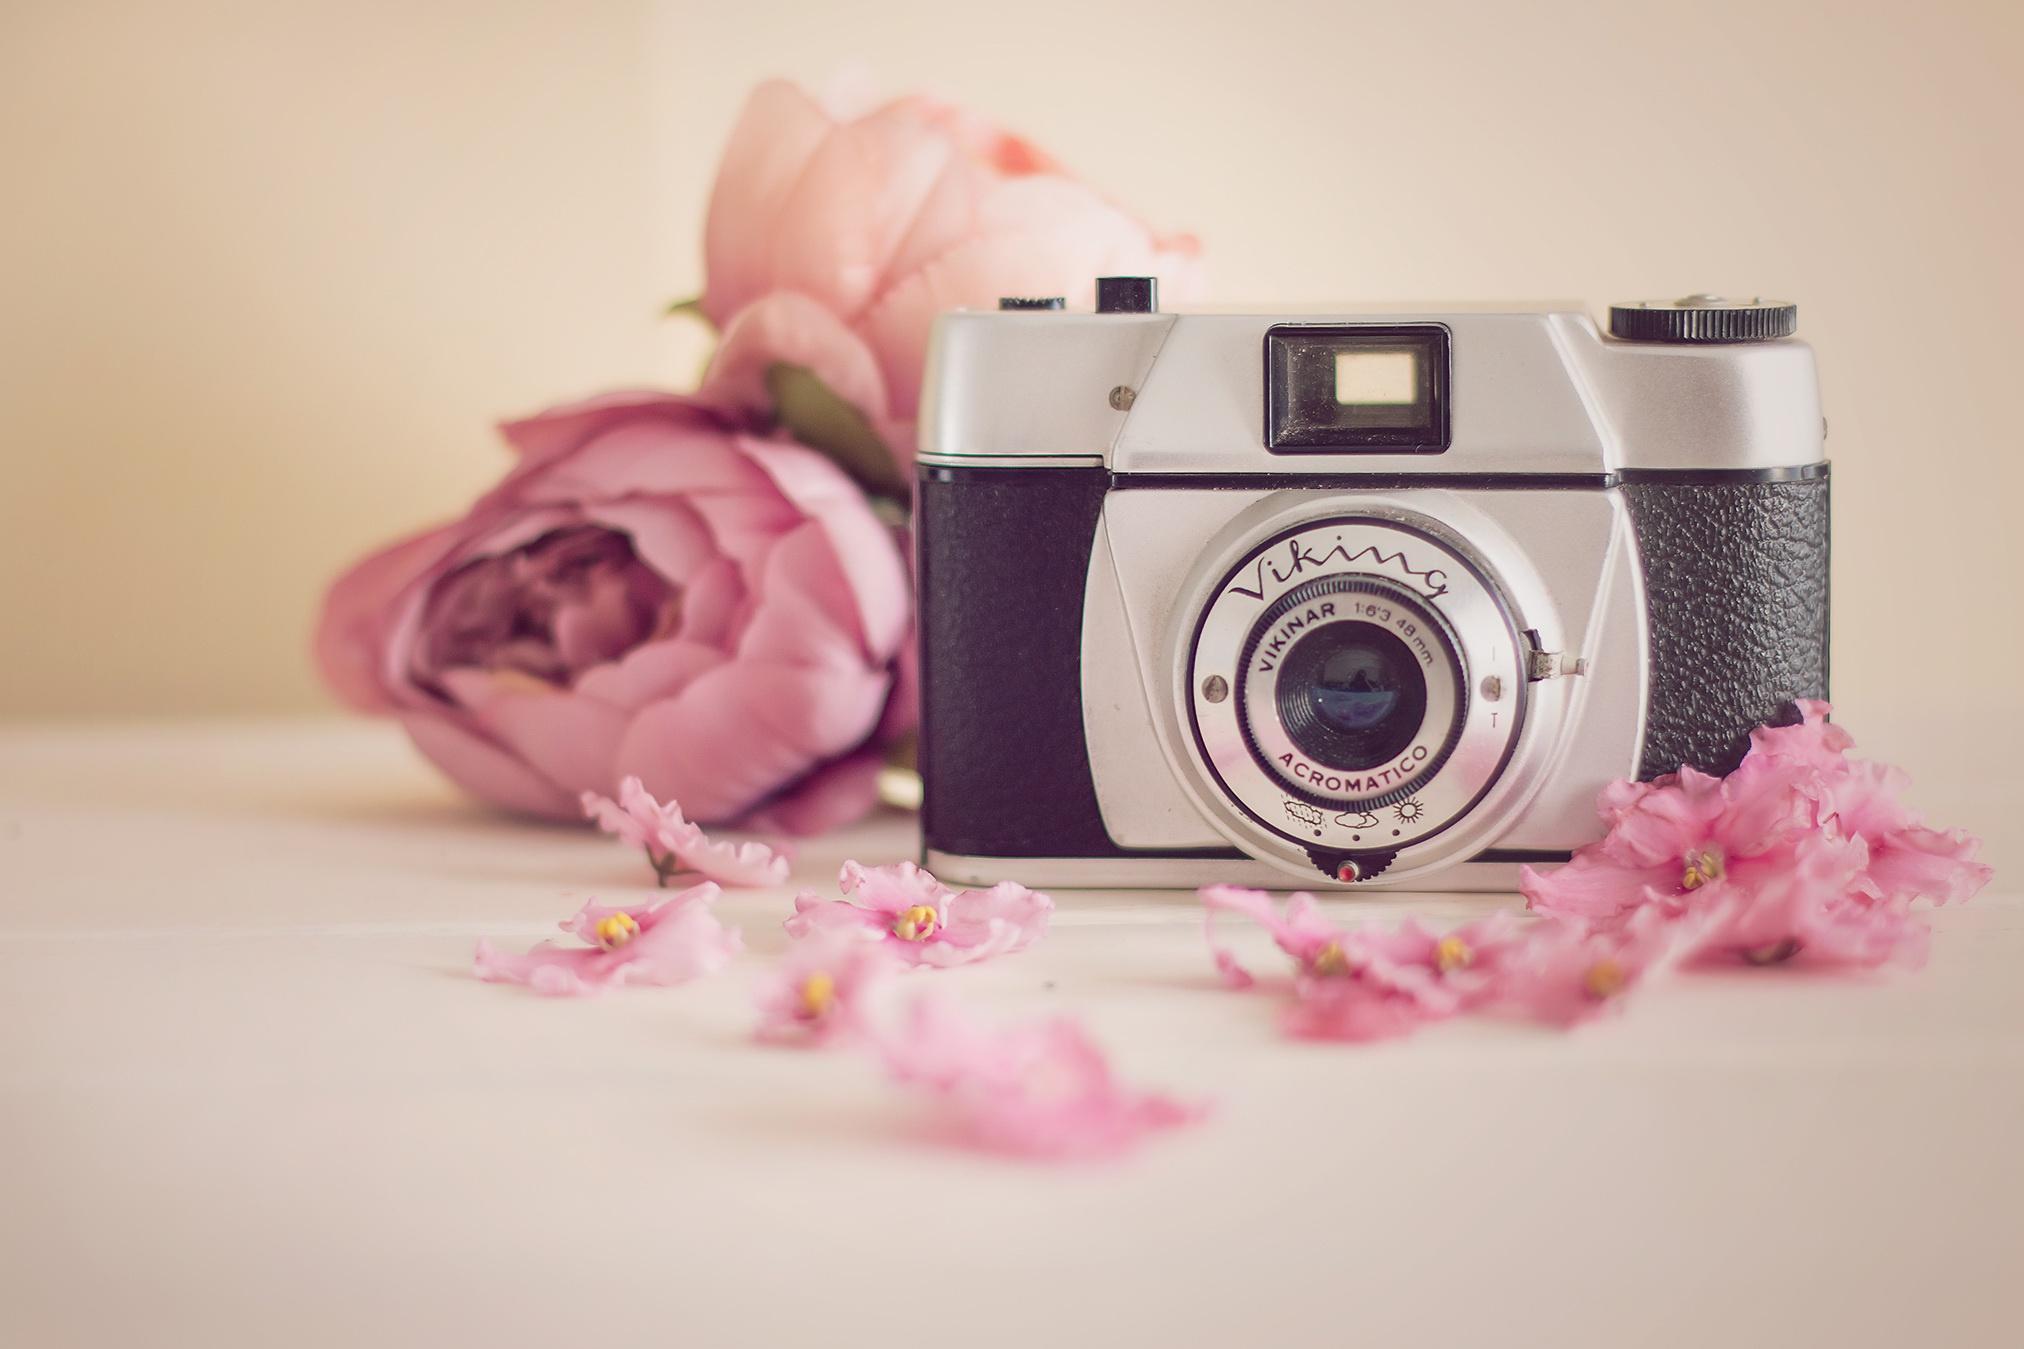 Картинки фотоаппаратов красивые, приветик